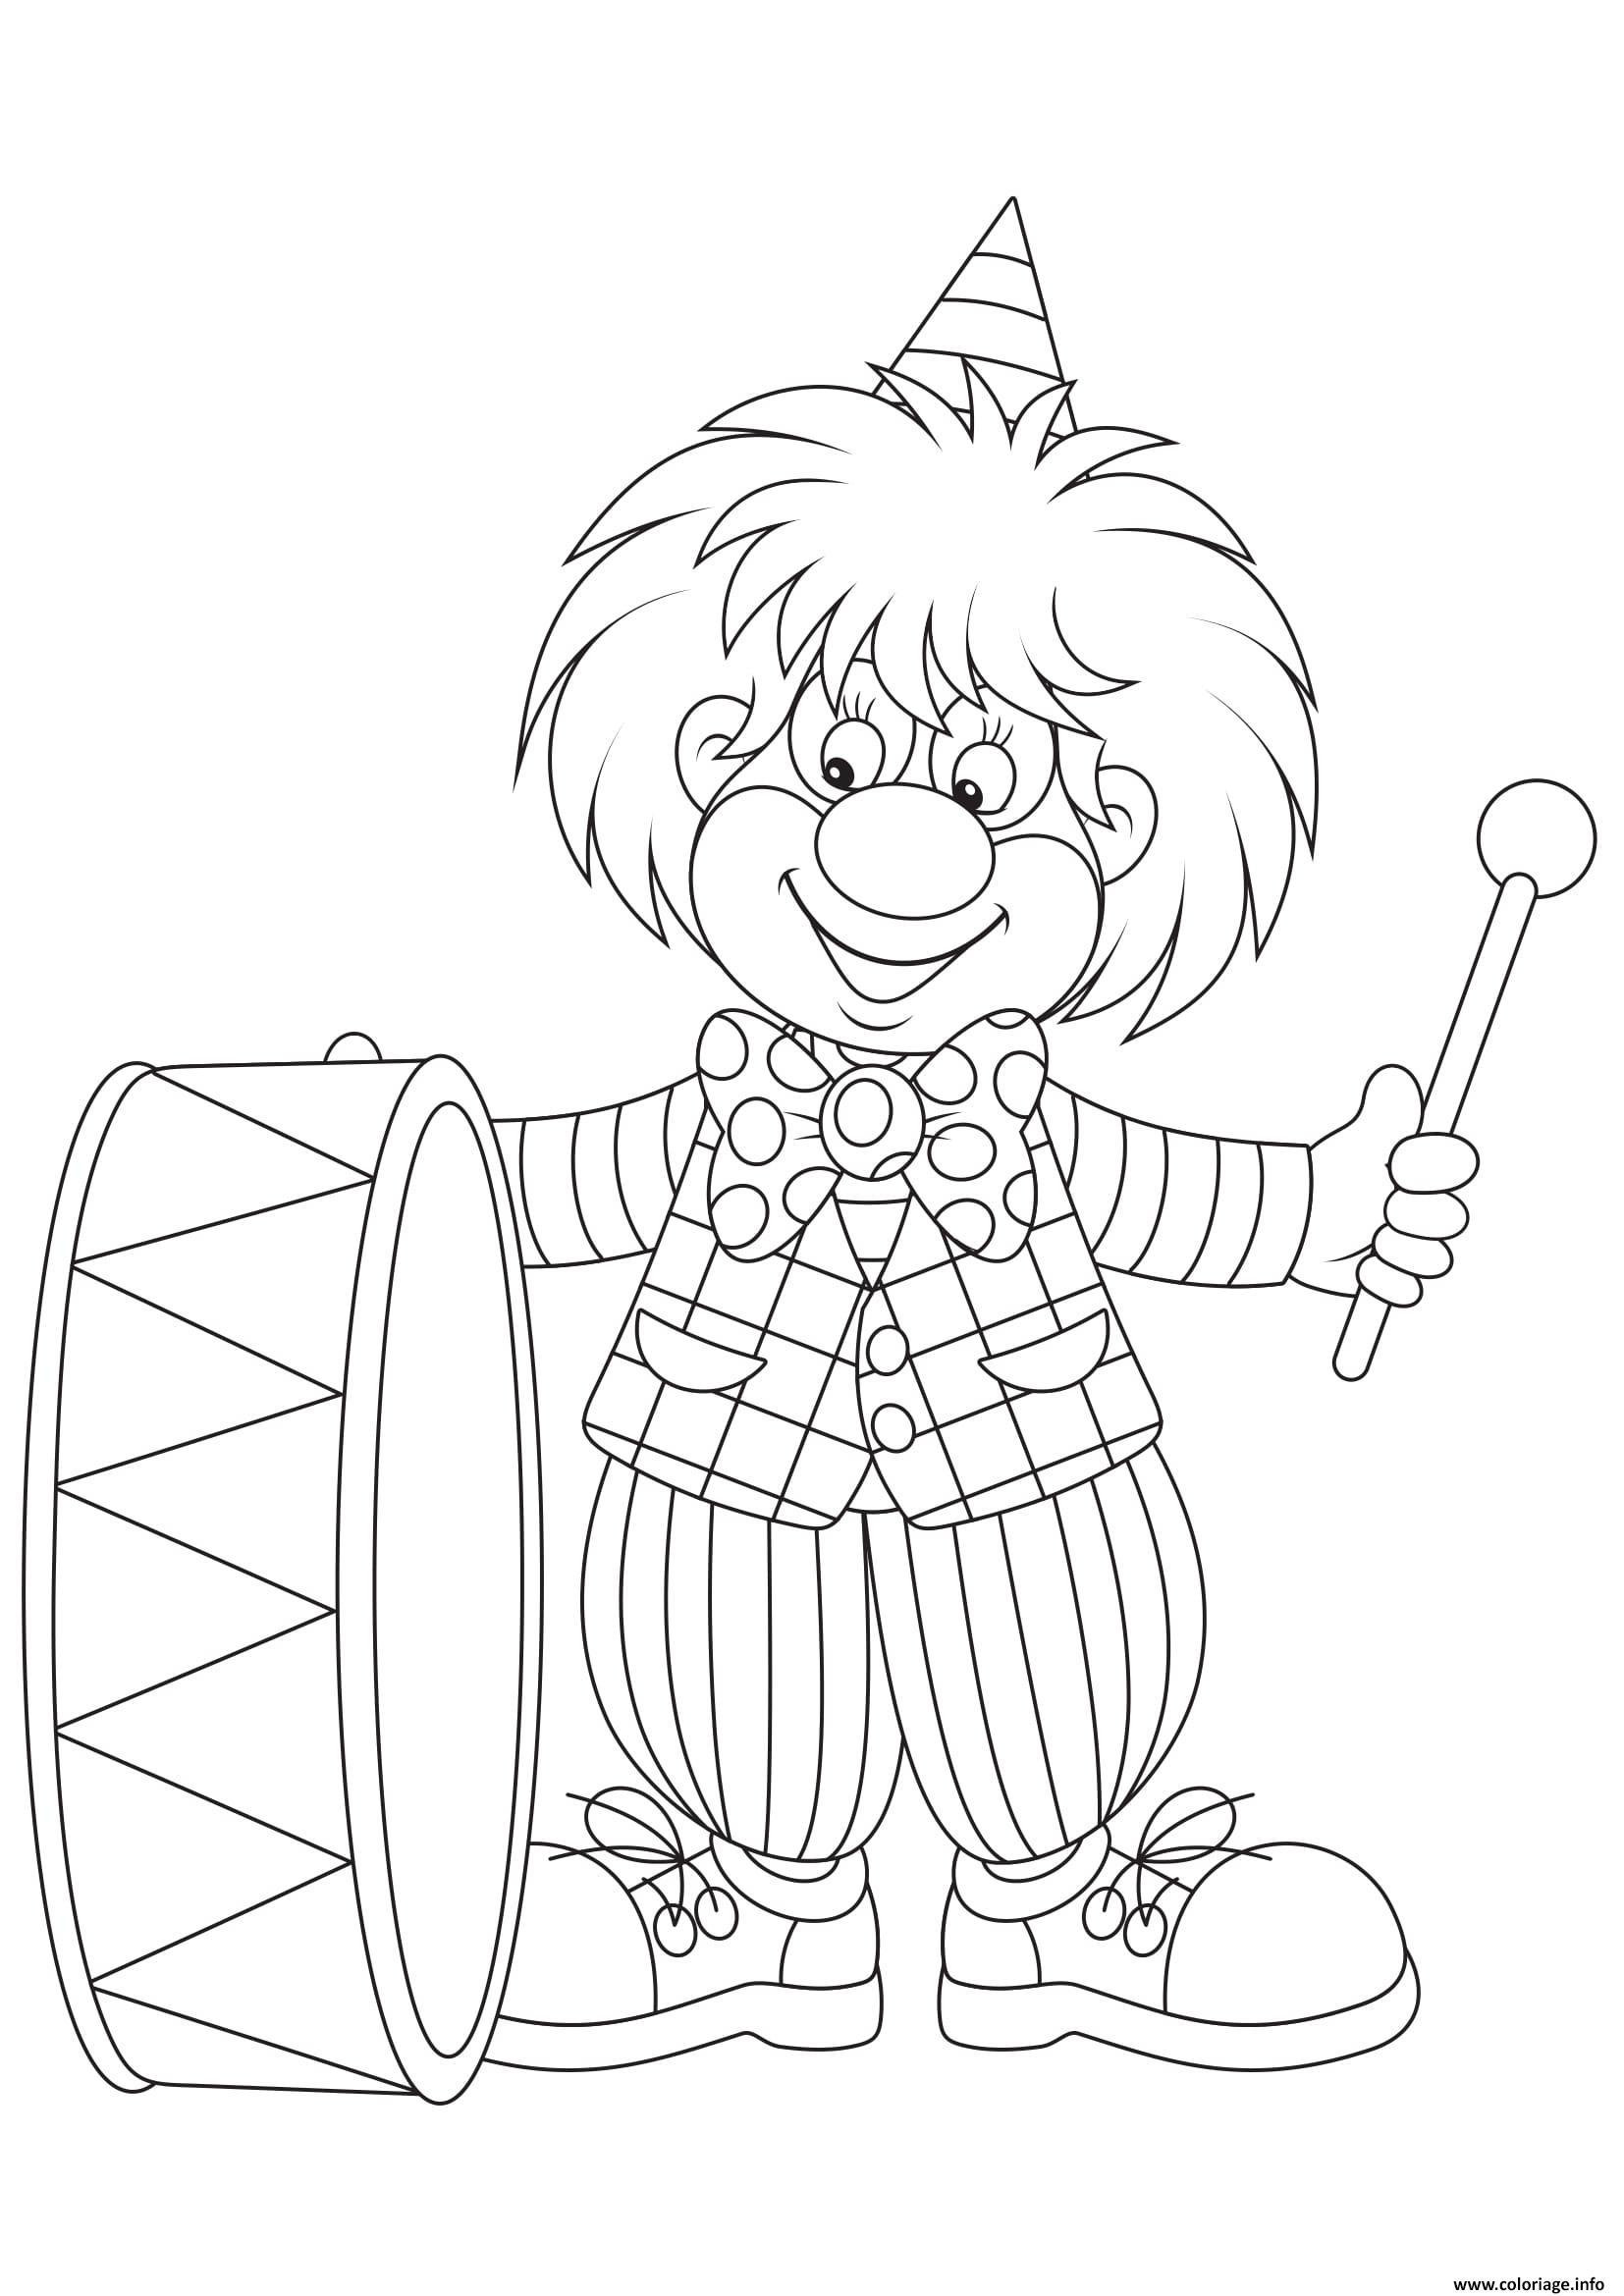 Coloriage clown pour enfants - JeColorie.com